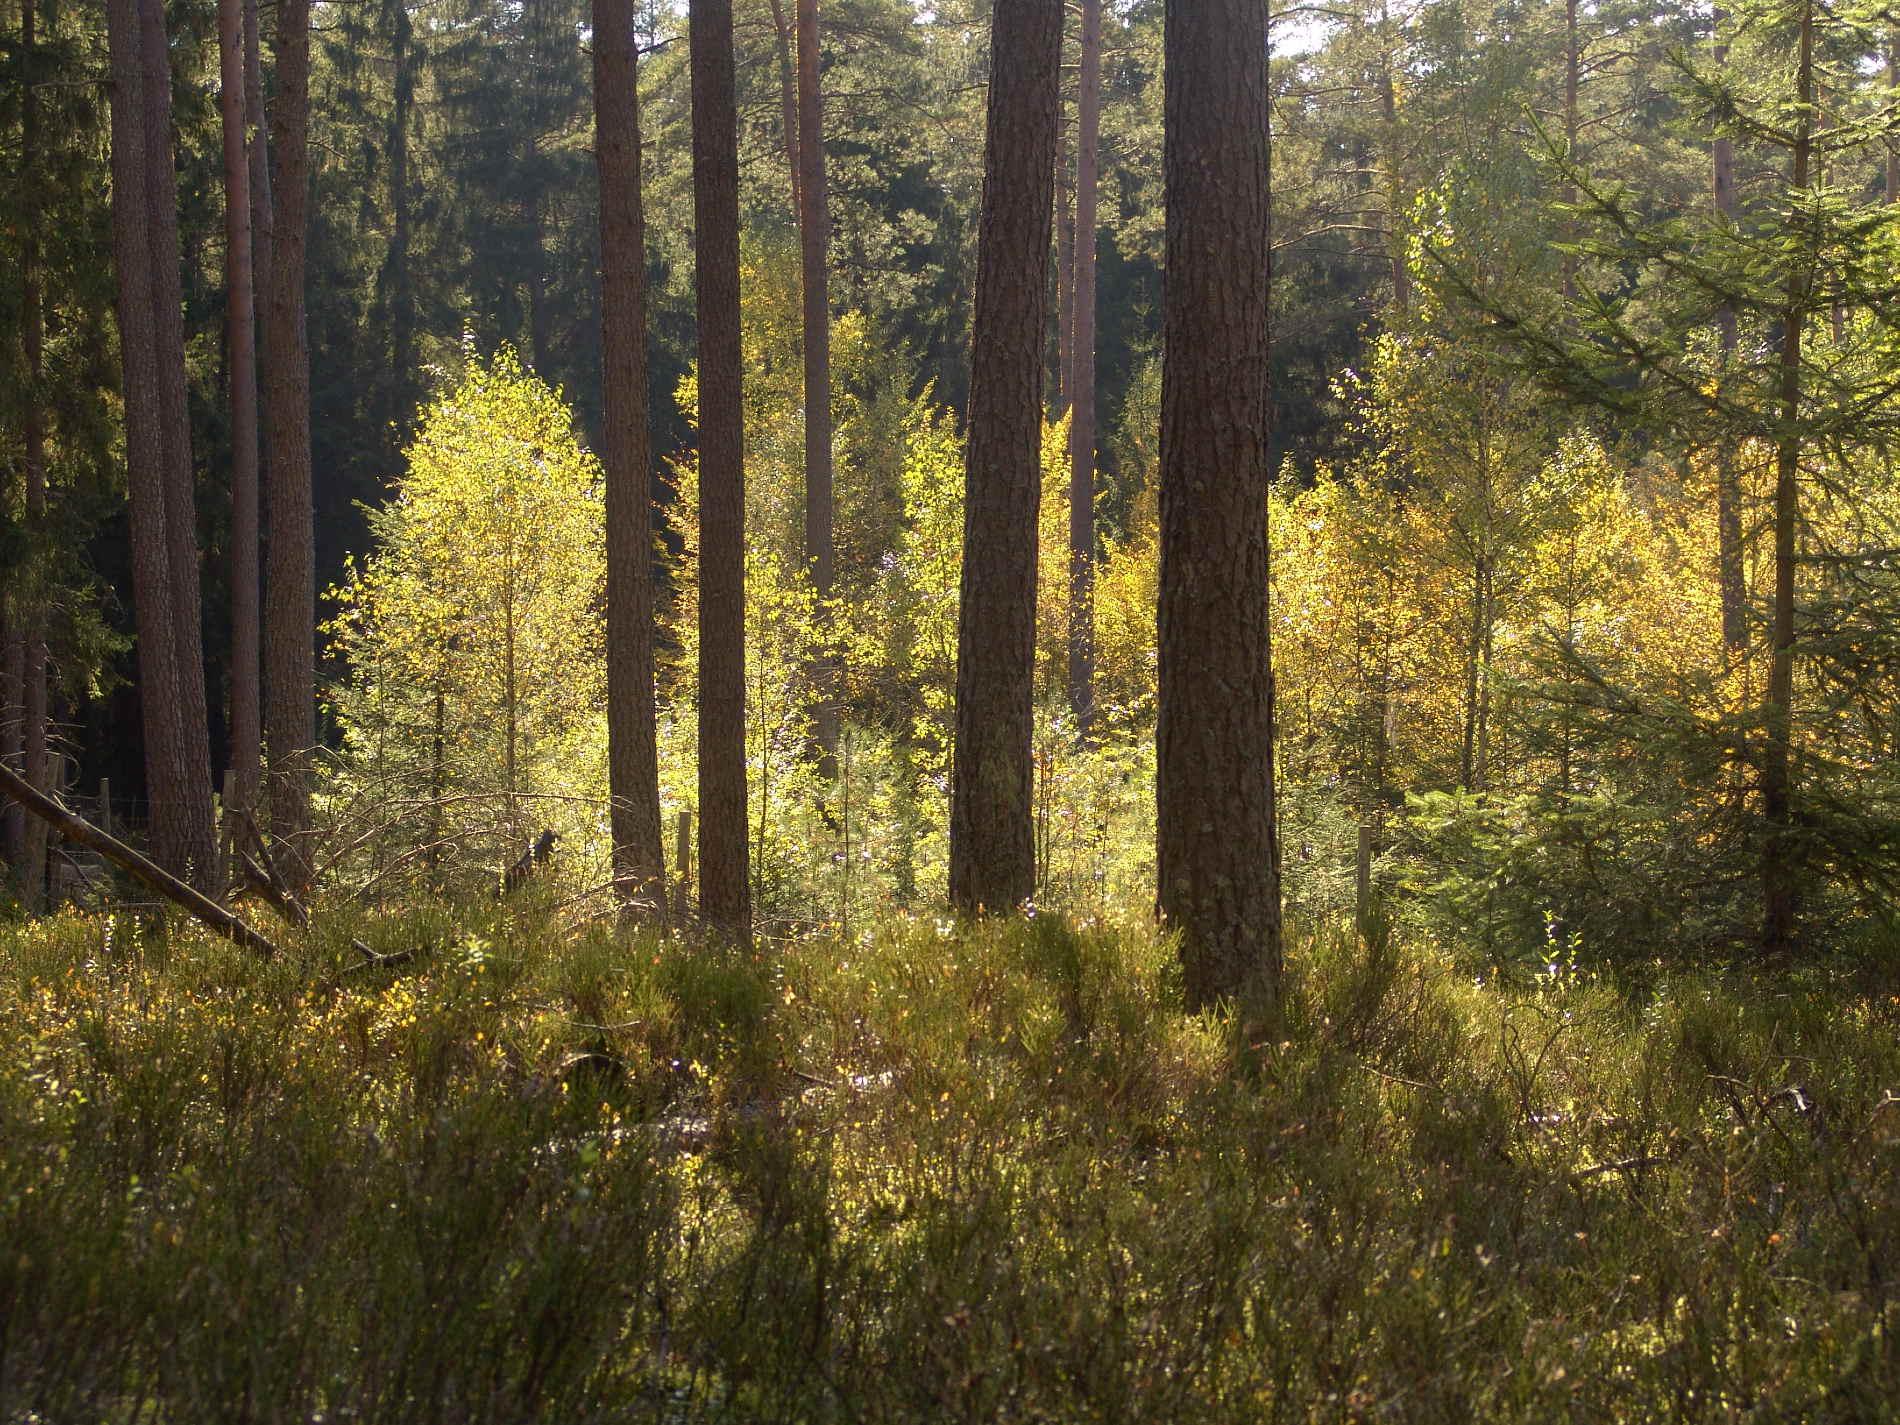 Holz von Hier steht für nachhaltige heimische Waldwirtschaft